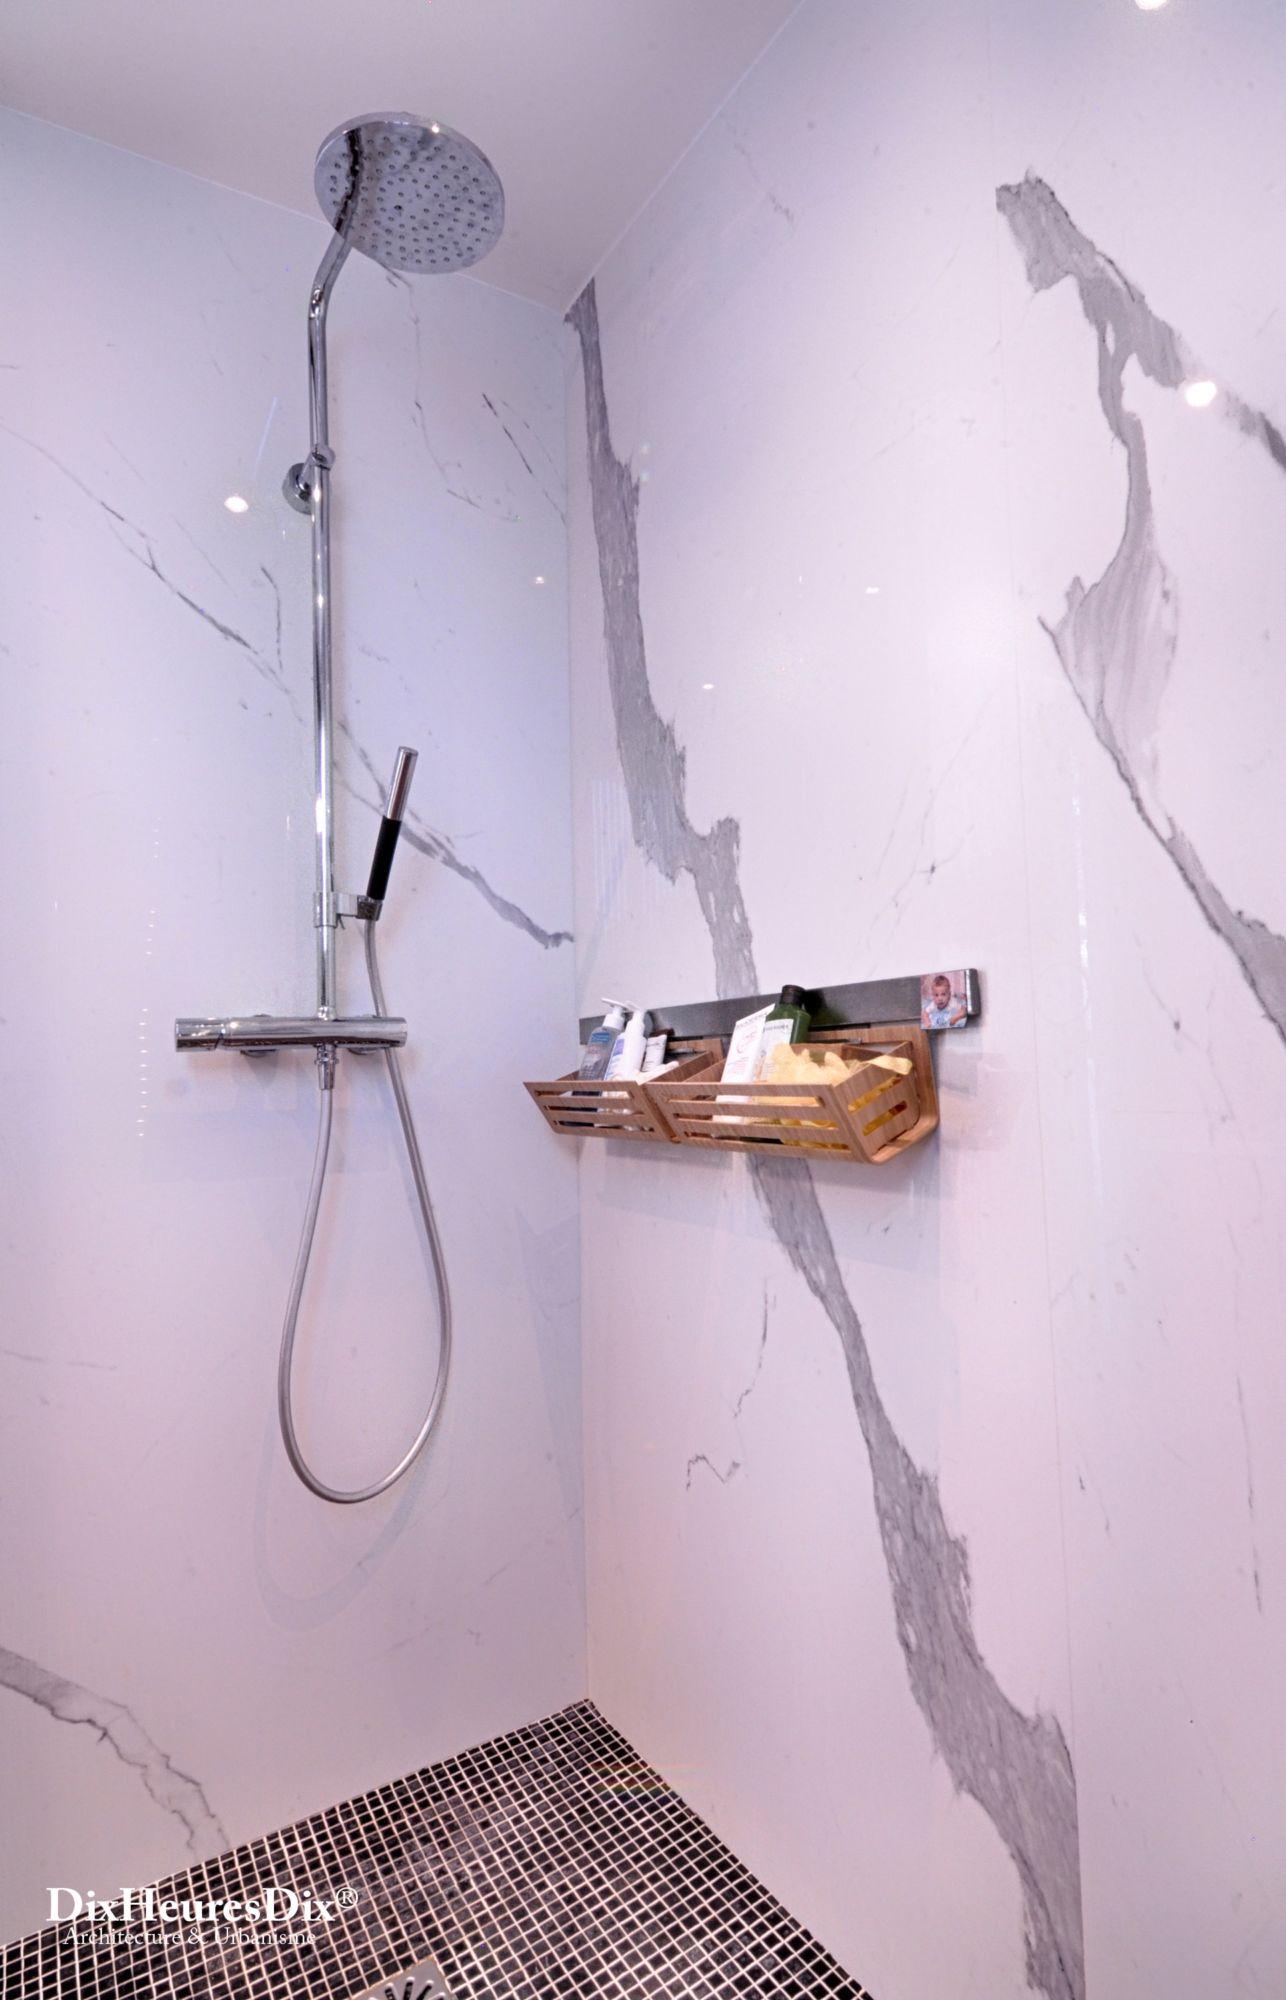 Vue sur la douche et rangement, mur de marbre